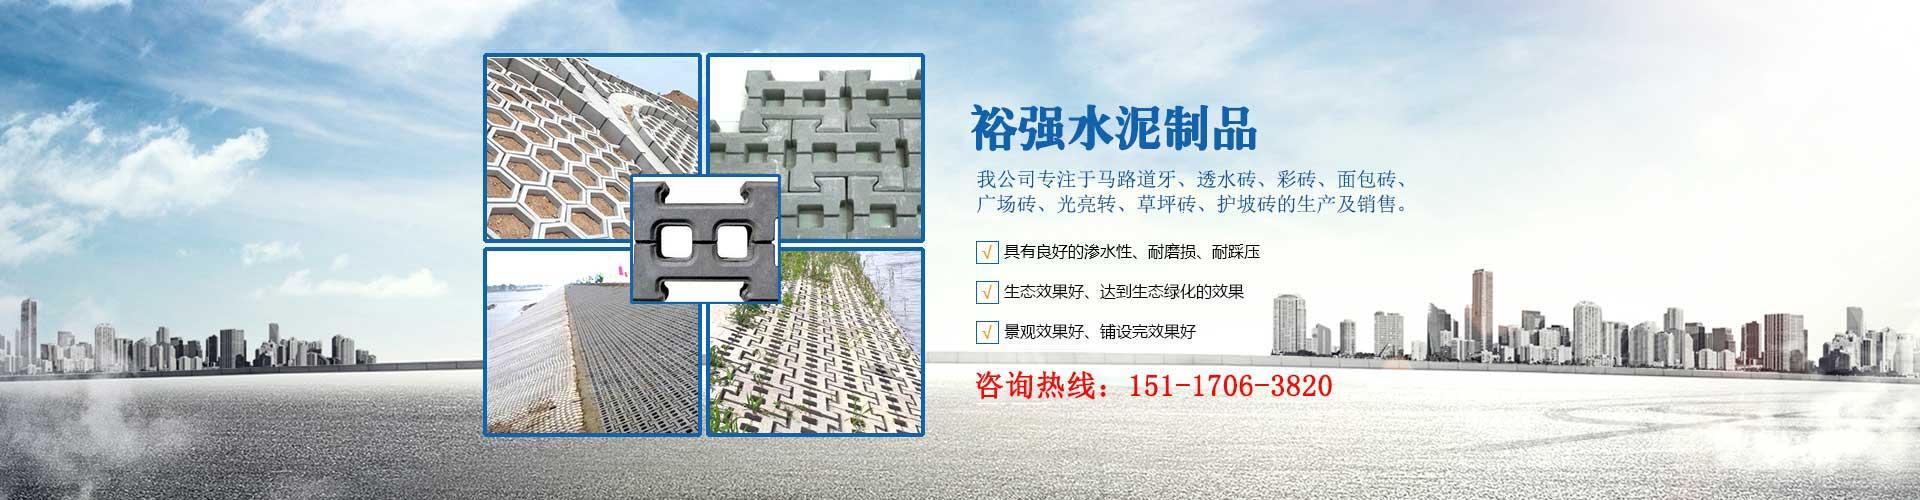 裕强水泥专业生产透水砖、面包砖等水泥制品